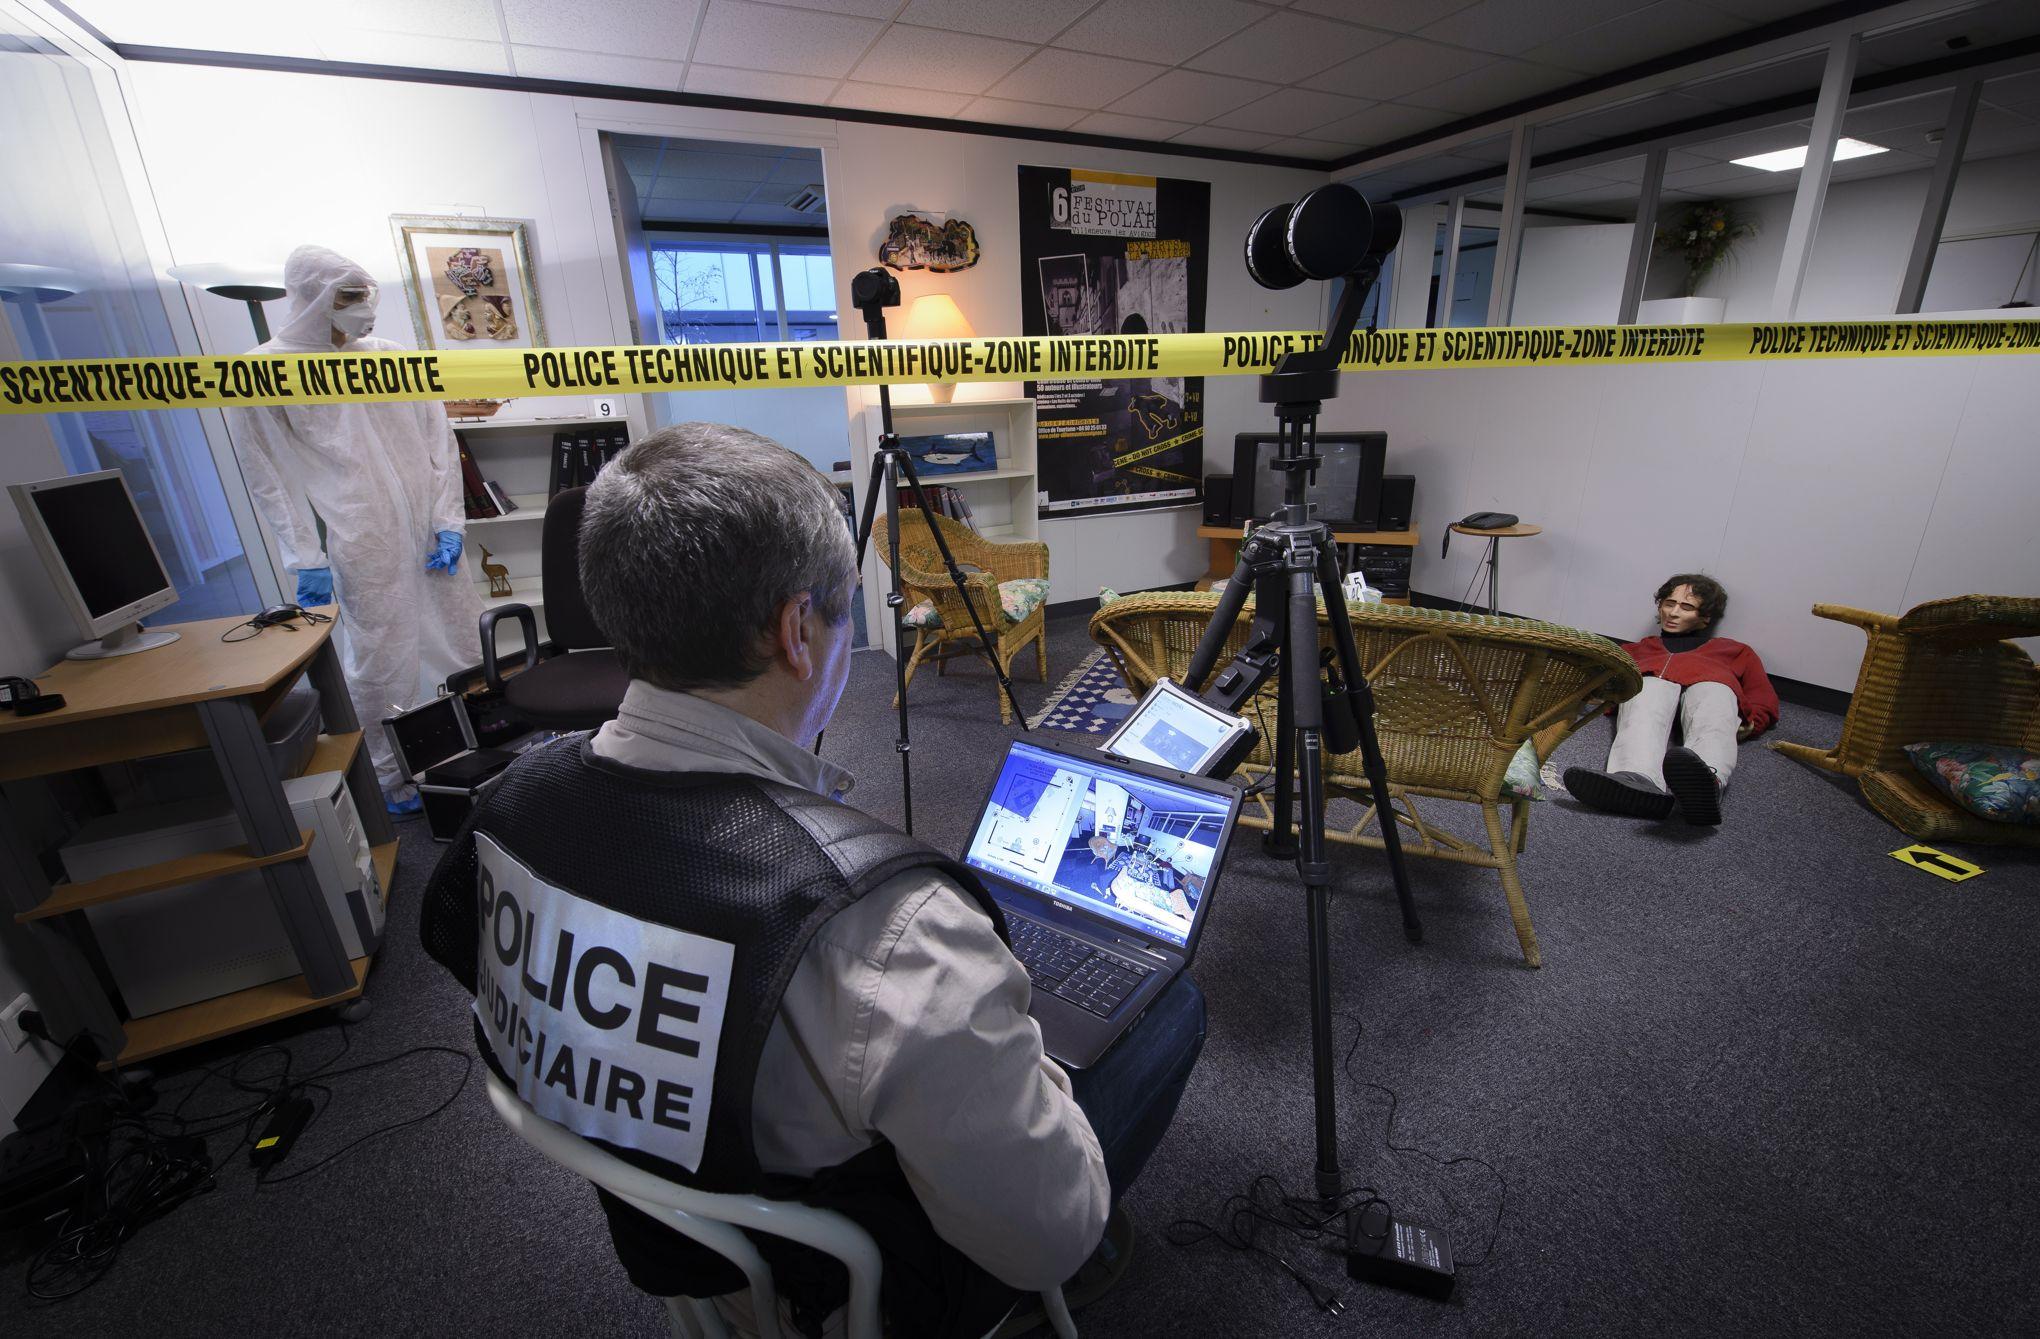 police scientifique nouvelles techniques de recherche et dinvestigation